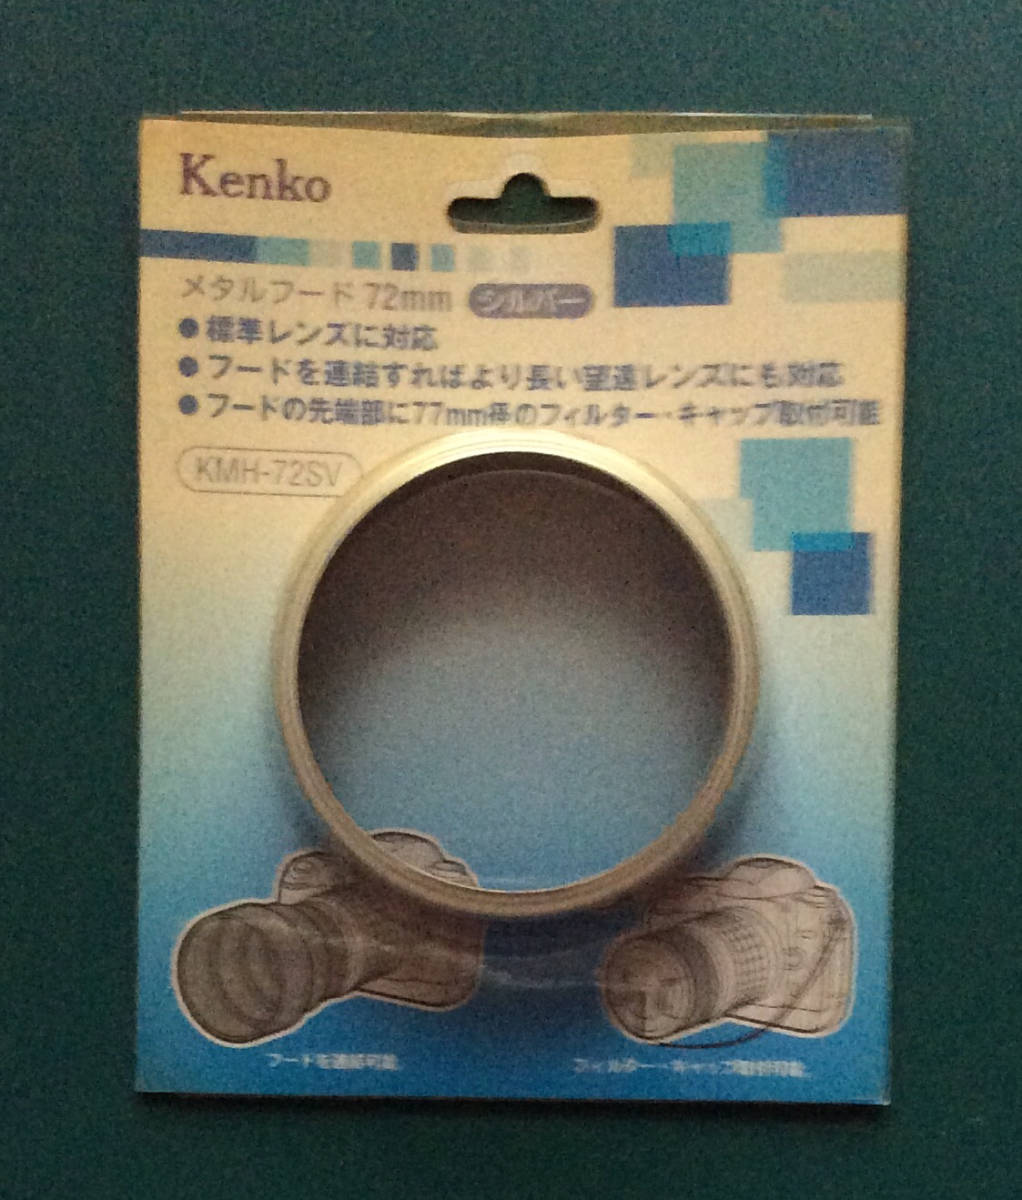 【新品】 ケンコー カメラメタルフード 72mm シルバー色 KMH-72SV 【送料198円】_画像1